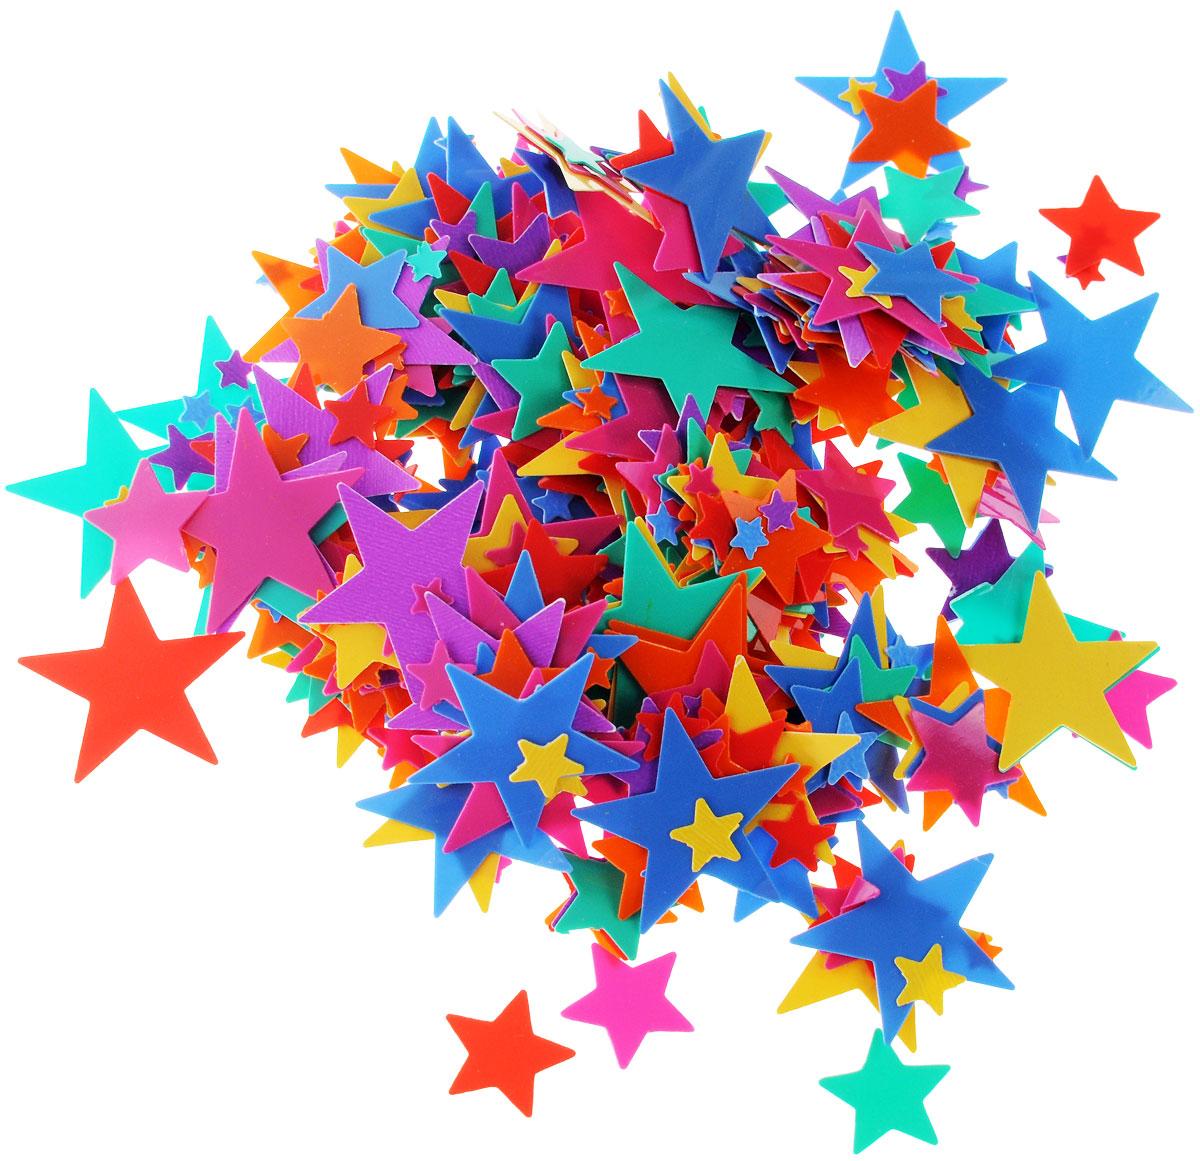 Веселая затея Конфетти Разноцветные звезды, 14 г1501-0191Конфетти Веселая затея Разноцветные звезды - неотъемлемый атрибут праздников, триумфальных шествий, атакже свадебных торжеств. Выполнено из прочного материала в форме разноцветных звездочек.Конфеттиосыпают друг друга участники празднеств или его сбрасывают сверху. Конфетти, рассыпанное на столе, являетсянеобычной и привлекательной формой украшения праздничного застолья. Еще один оригинальный способпорадовать друзей и близких - насыпьте конфетти в конверт с открыткой - это будет неожиданный сюрприз! Это чудесное украшение принесет в ваш дом или офис незабываемую атмосферу праздничного веселья!